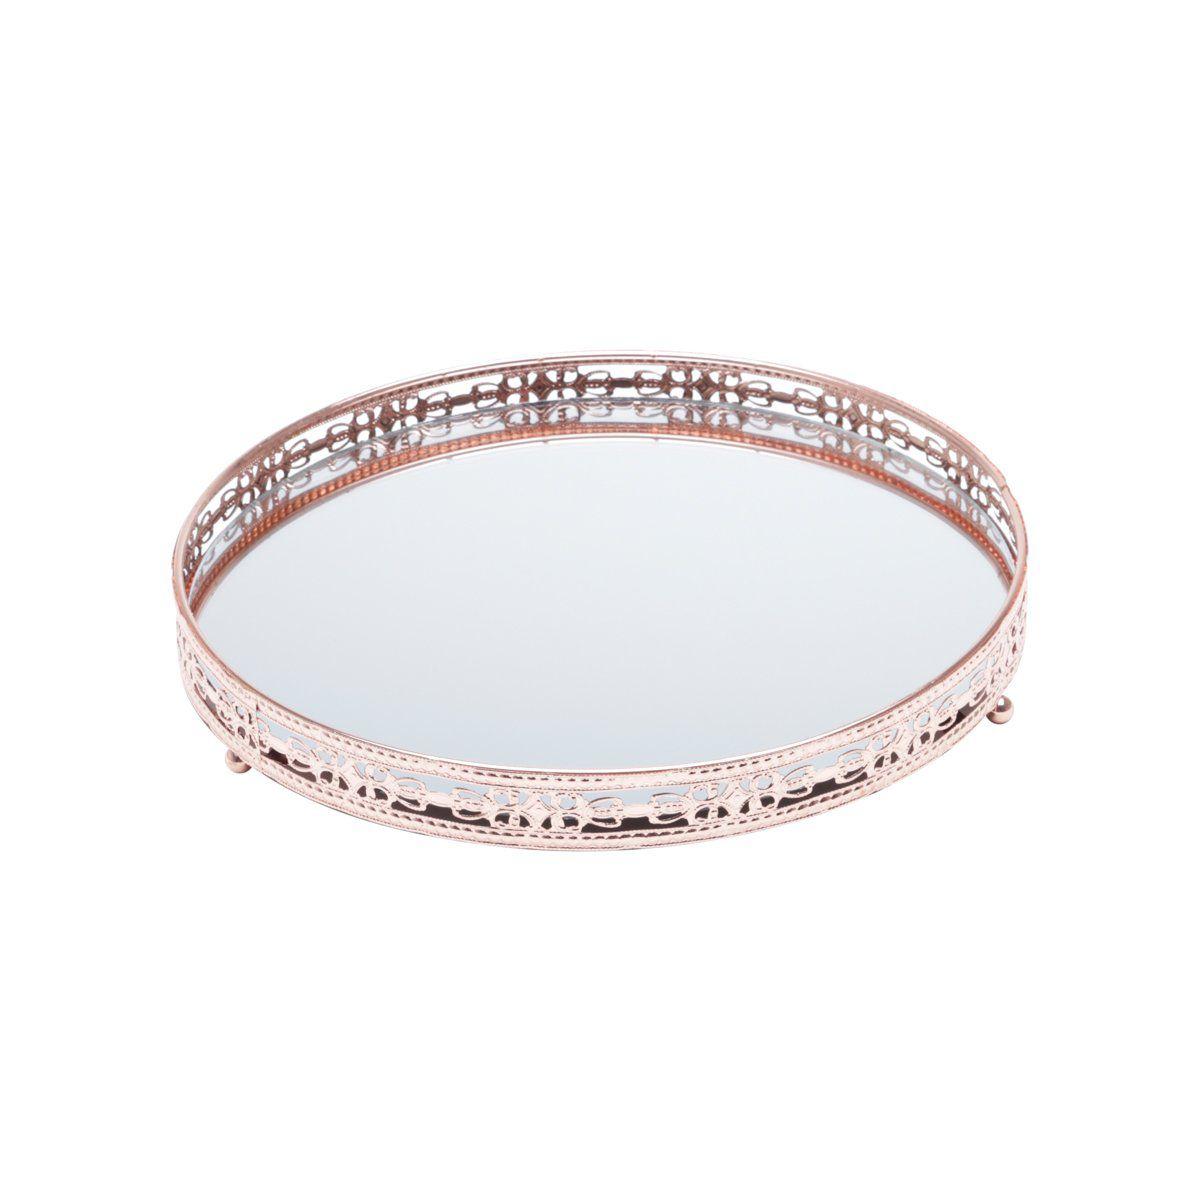 Bandeja suporte 29 cm de ferro bronze com espelho Bunch Wolff - 27212